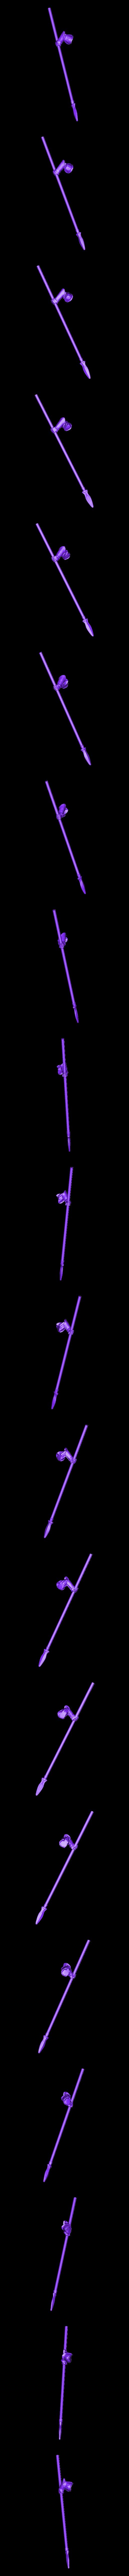 spear_v3.stl Télécharger fichier STL gratuit Infatrie des elfes / Miniatures des lanciers • Plan imprimable en 3D, Ilhadiel